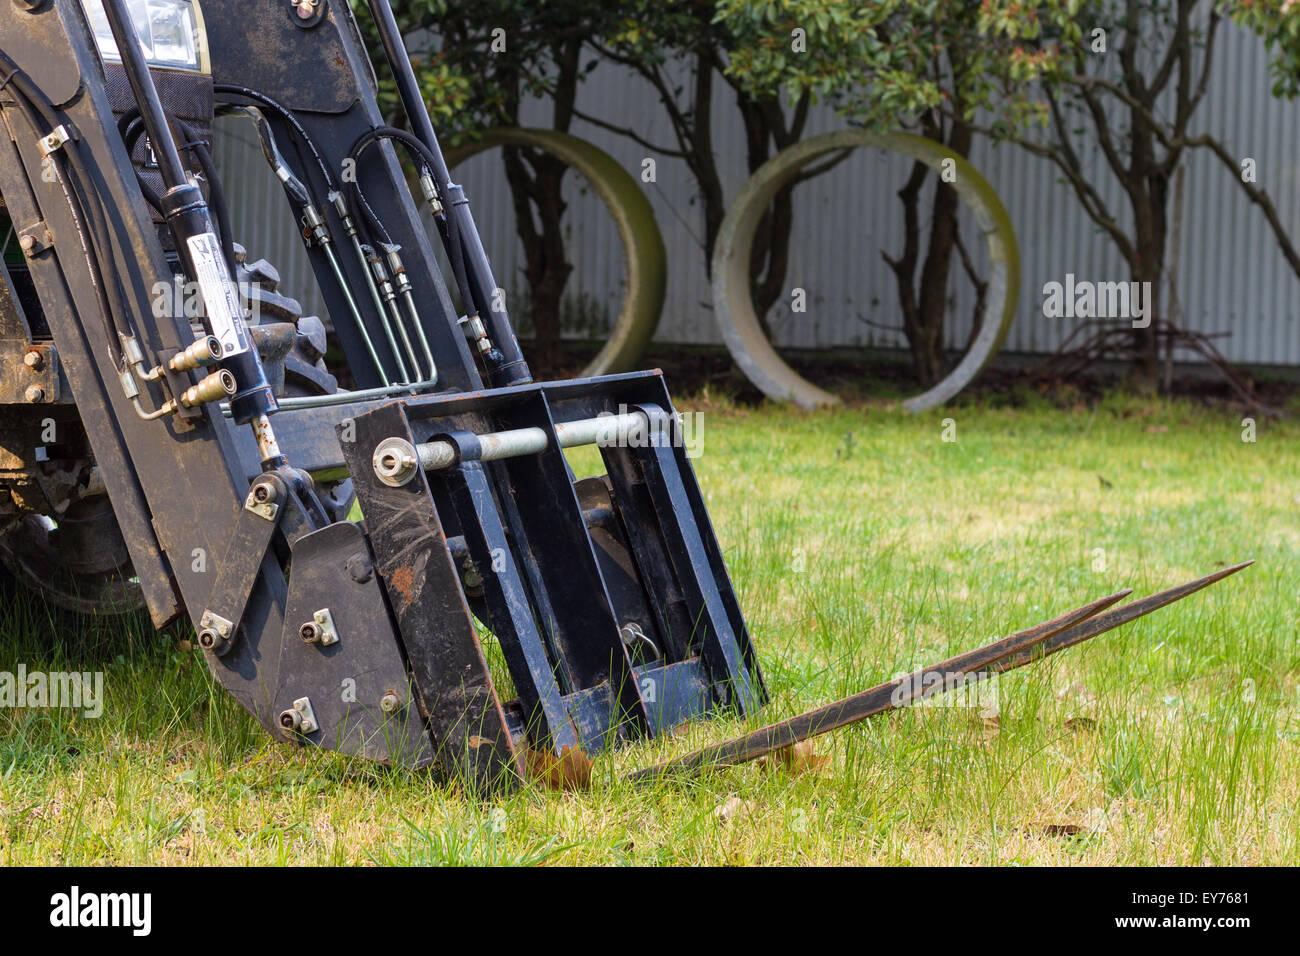 Frontlader mit einem gabelstapler zubehör ausgestattet um einen